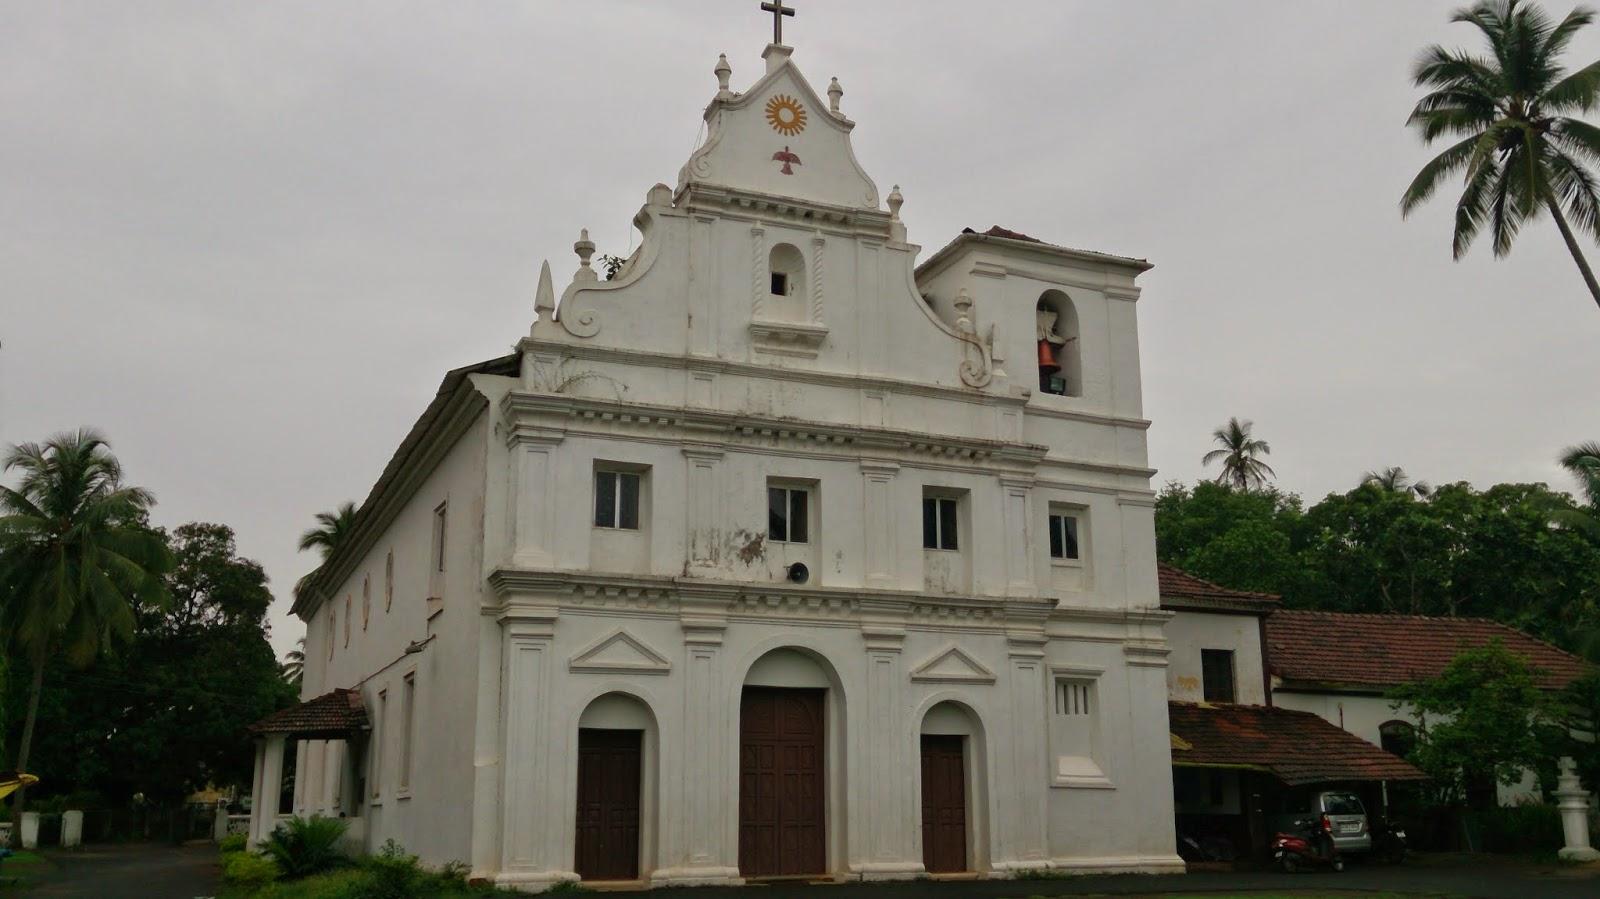 Holy Trinity Church Nagao Arpora Goa